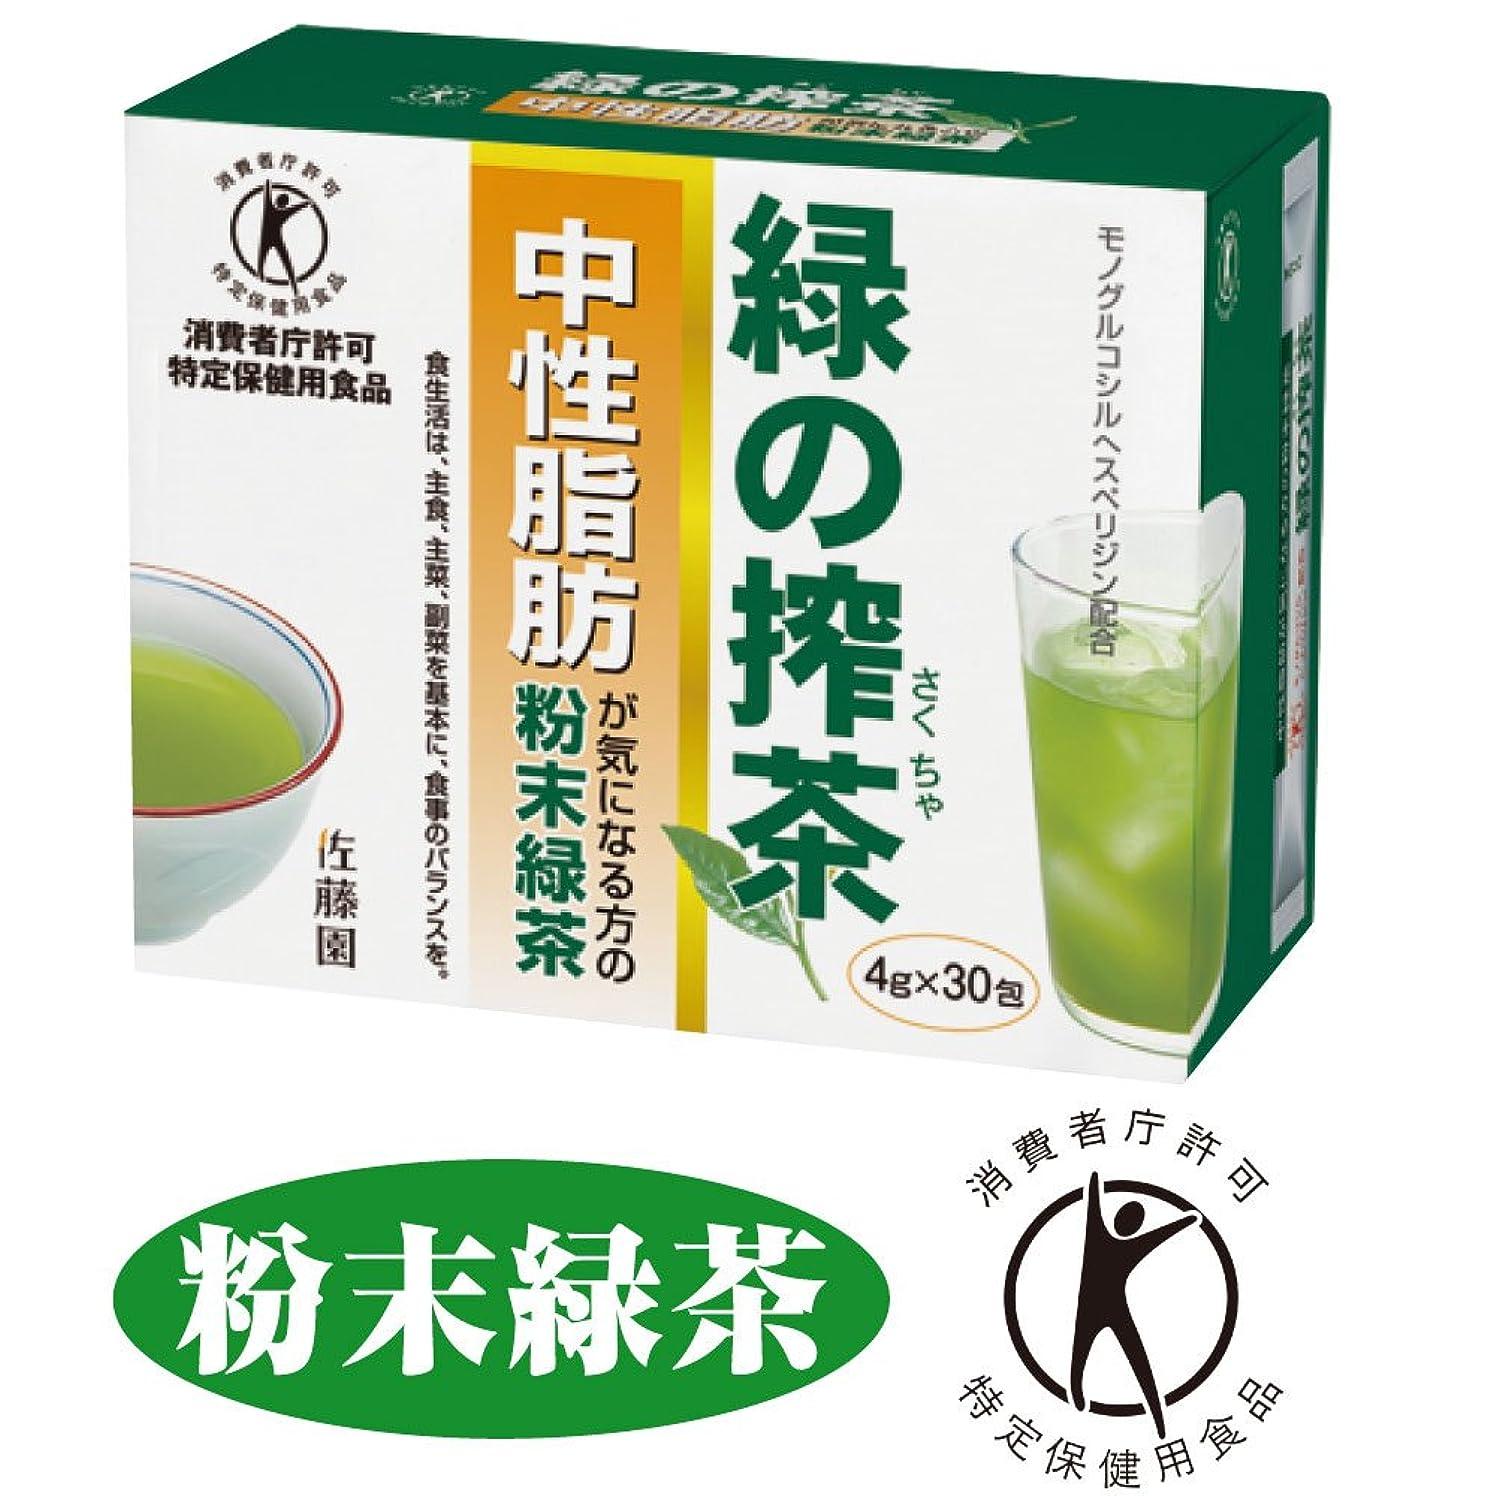 部分手綱スポンジ佐藤園のトクホのお茶 緑の搾茶(中性脂肪) 30包 [特定保健用食品]